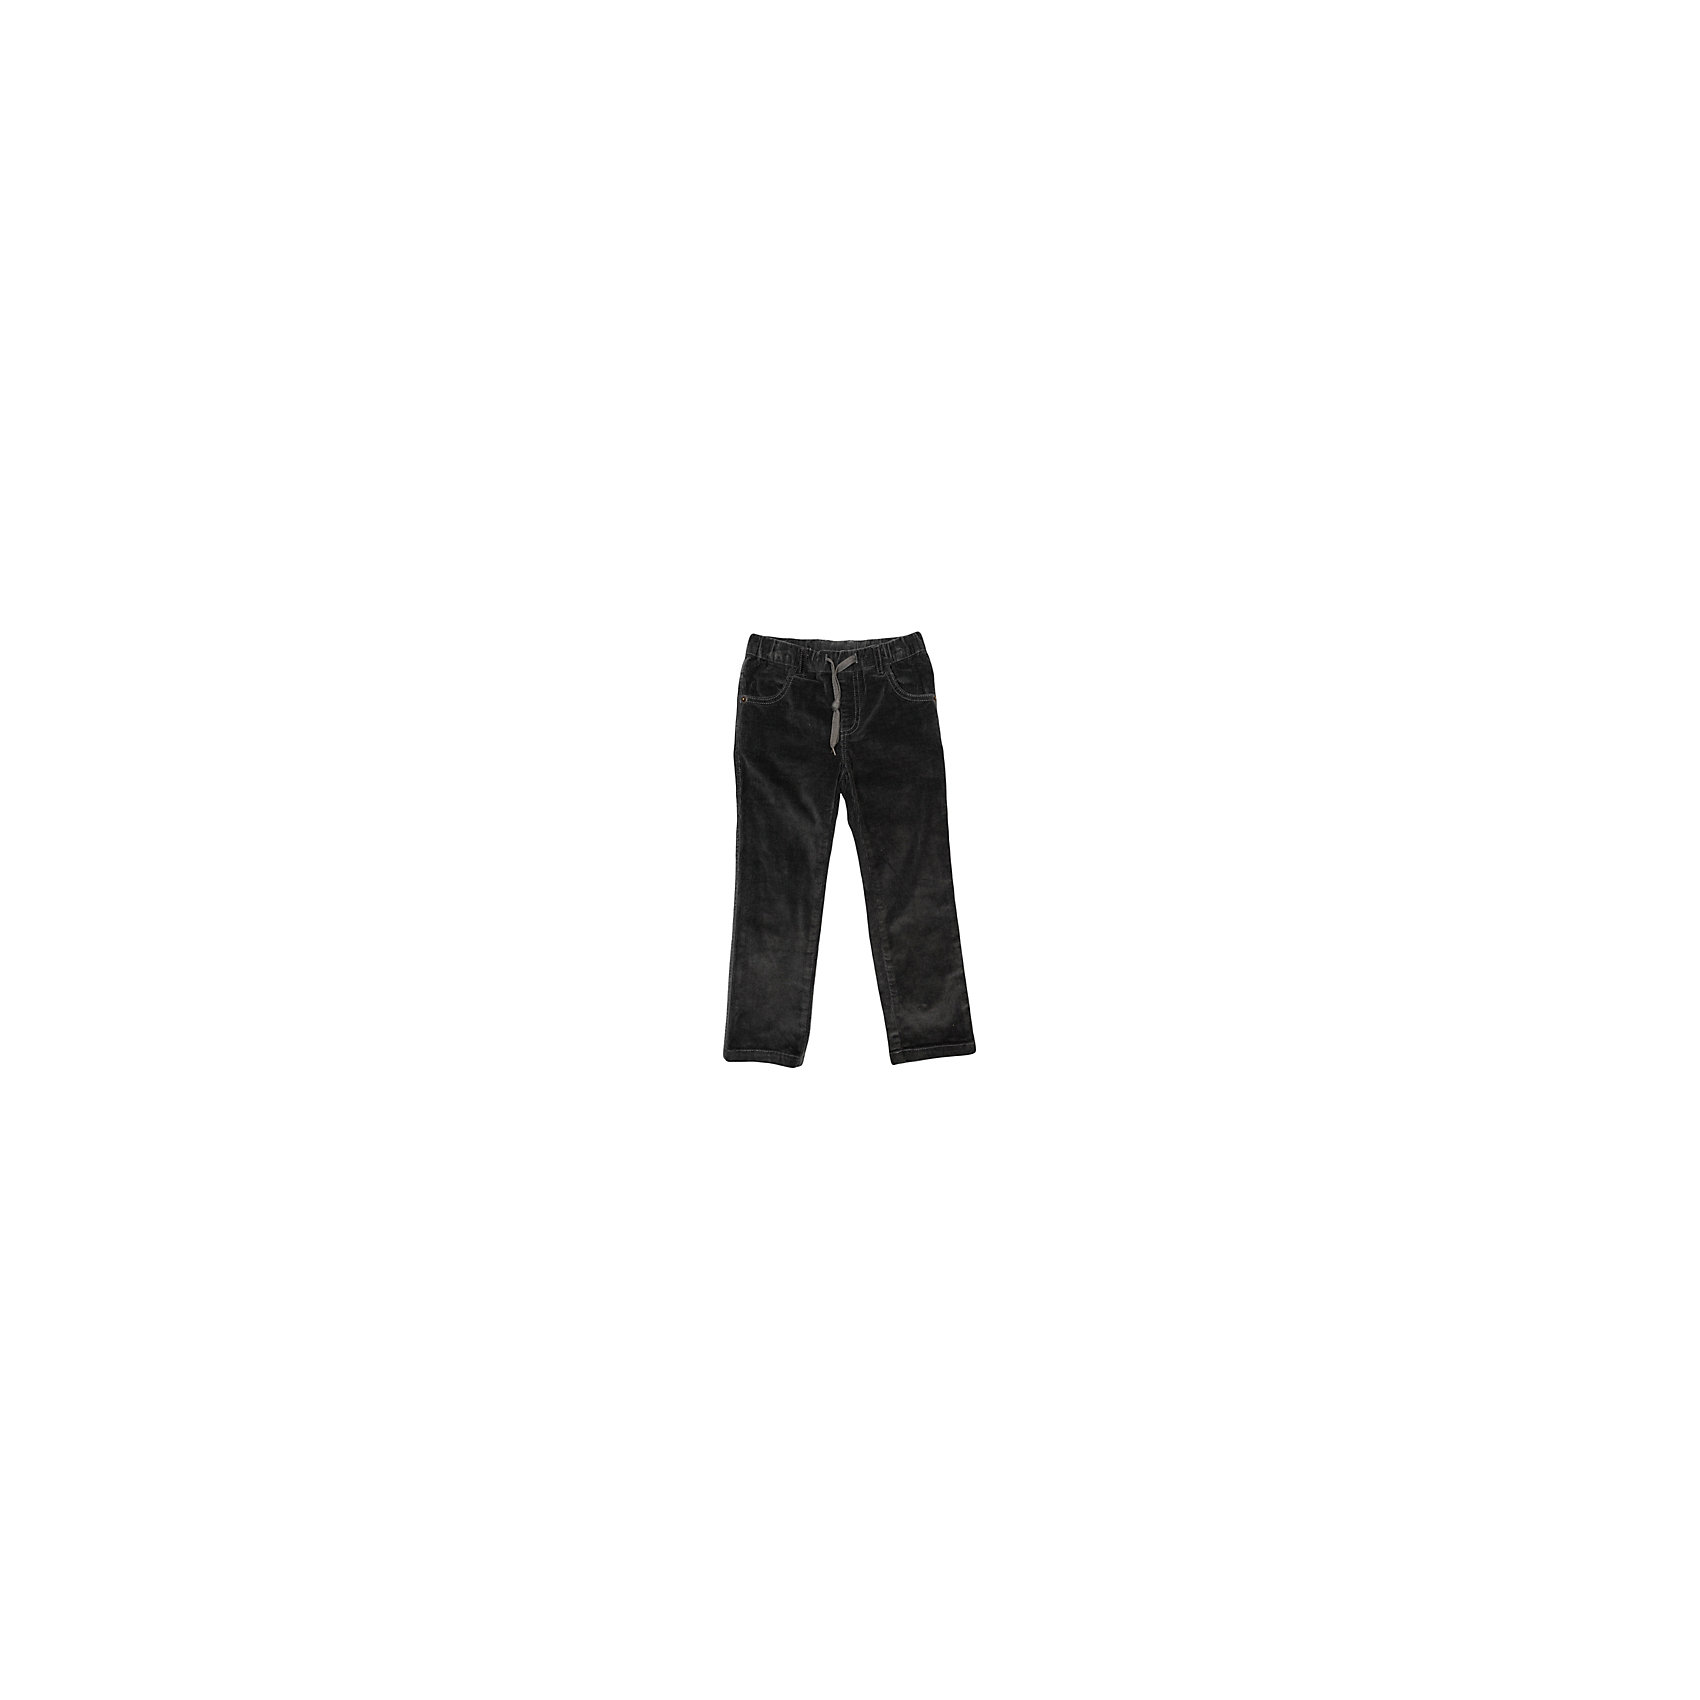 Брюки для мальчика PlayTodayБрюки для мальчика от известного бренда PlayToday.<br>Стильные вельветовые брюки цвета темный графит. Пояс на резинке, дополнительно регулируется шнурком. Есть 4 функциональных кармана.<br>Состав:<br>98% хлопок, 2% эластан<br><br>Ширина мм: 215<br>Глубина мм: 88<br>Высота мм: 191<br>Вес г: 336<br>Цвет: серый<br>Возраст от месяцев: 72<br>Возраст до месяцев: 84<br>Пол: Мужской<br>Возраст: Детский<br>Размер: 122,104,128,110,116,98<br>SKU: 4896600